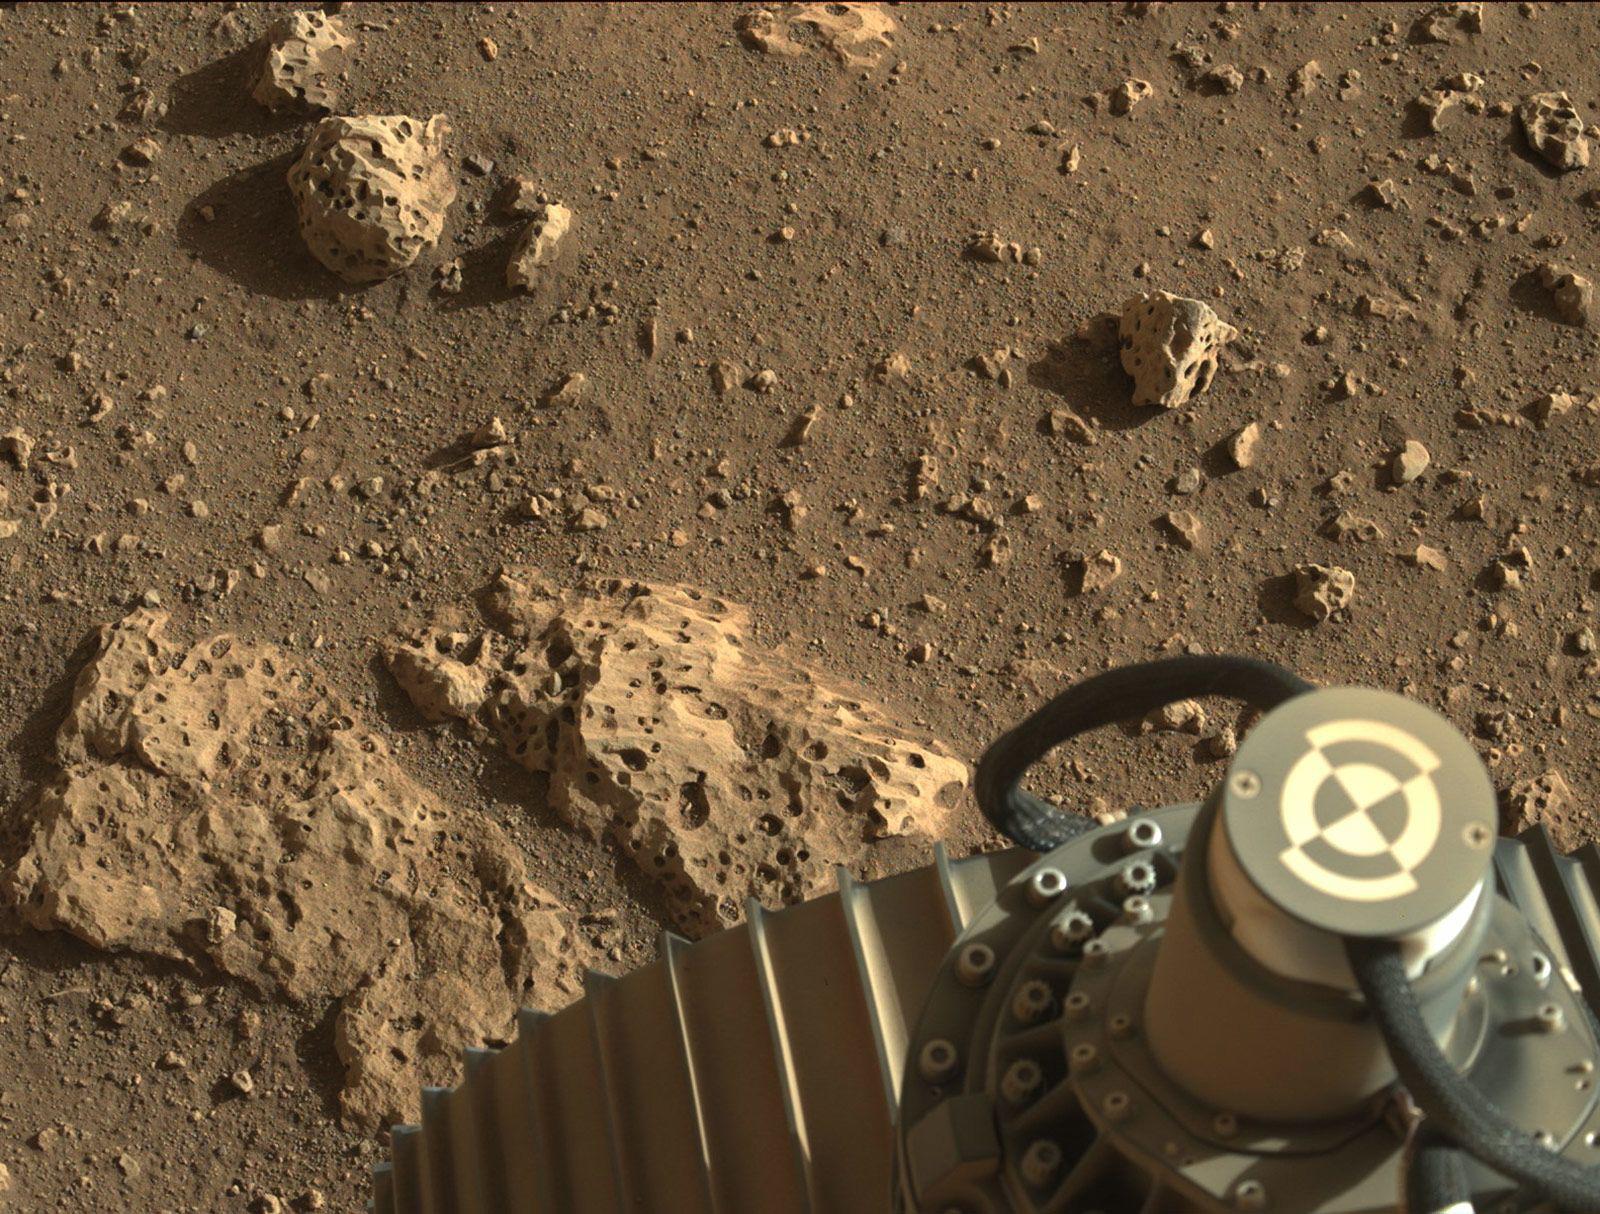 NASA công bố những hình ảnh mới nhất tại sao Hỏa - Ảnh 13.